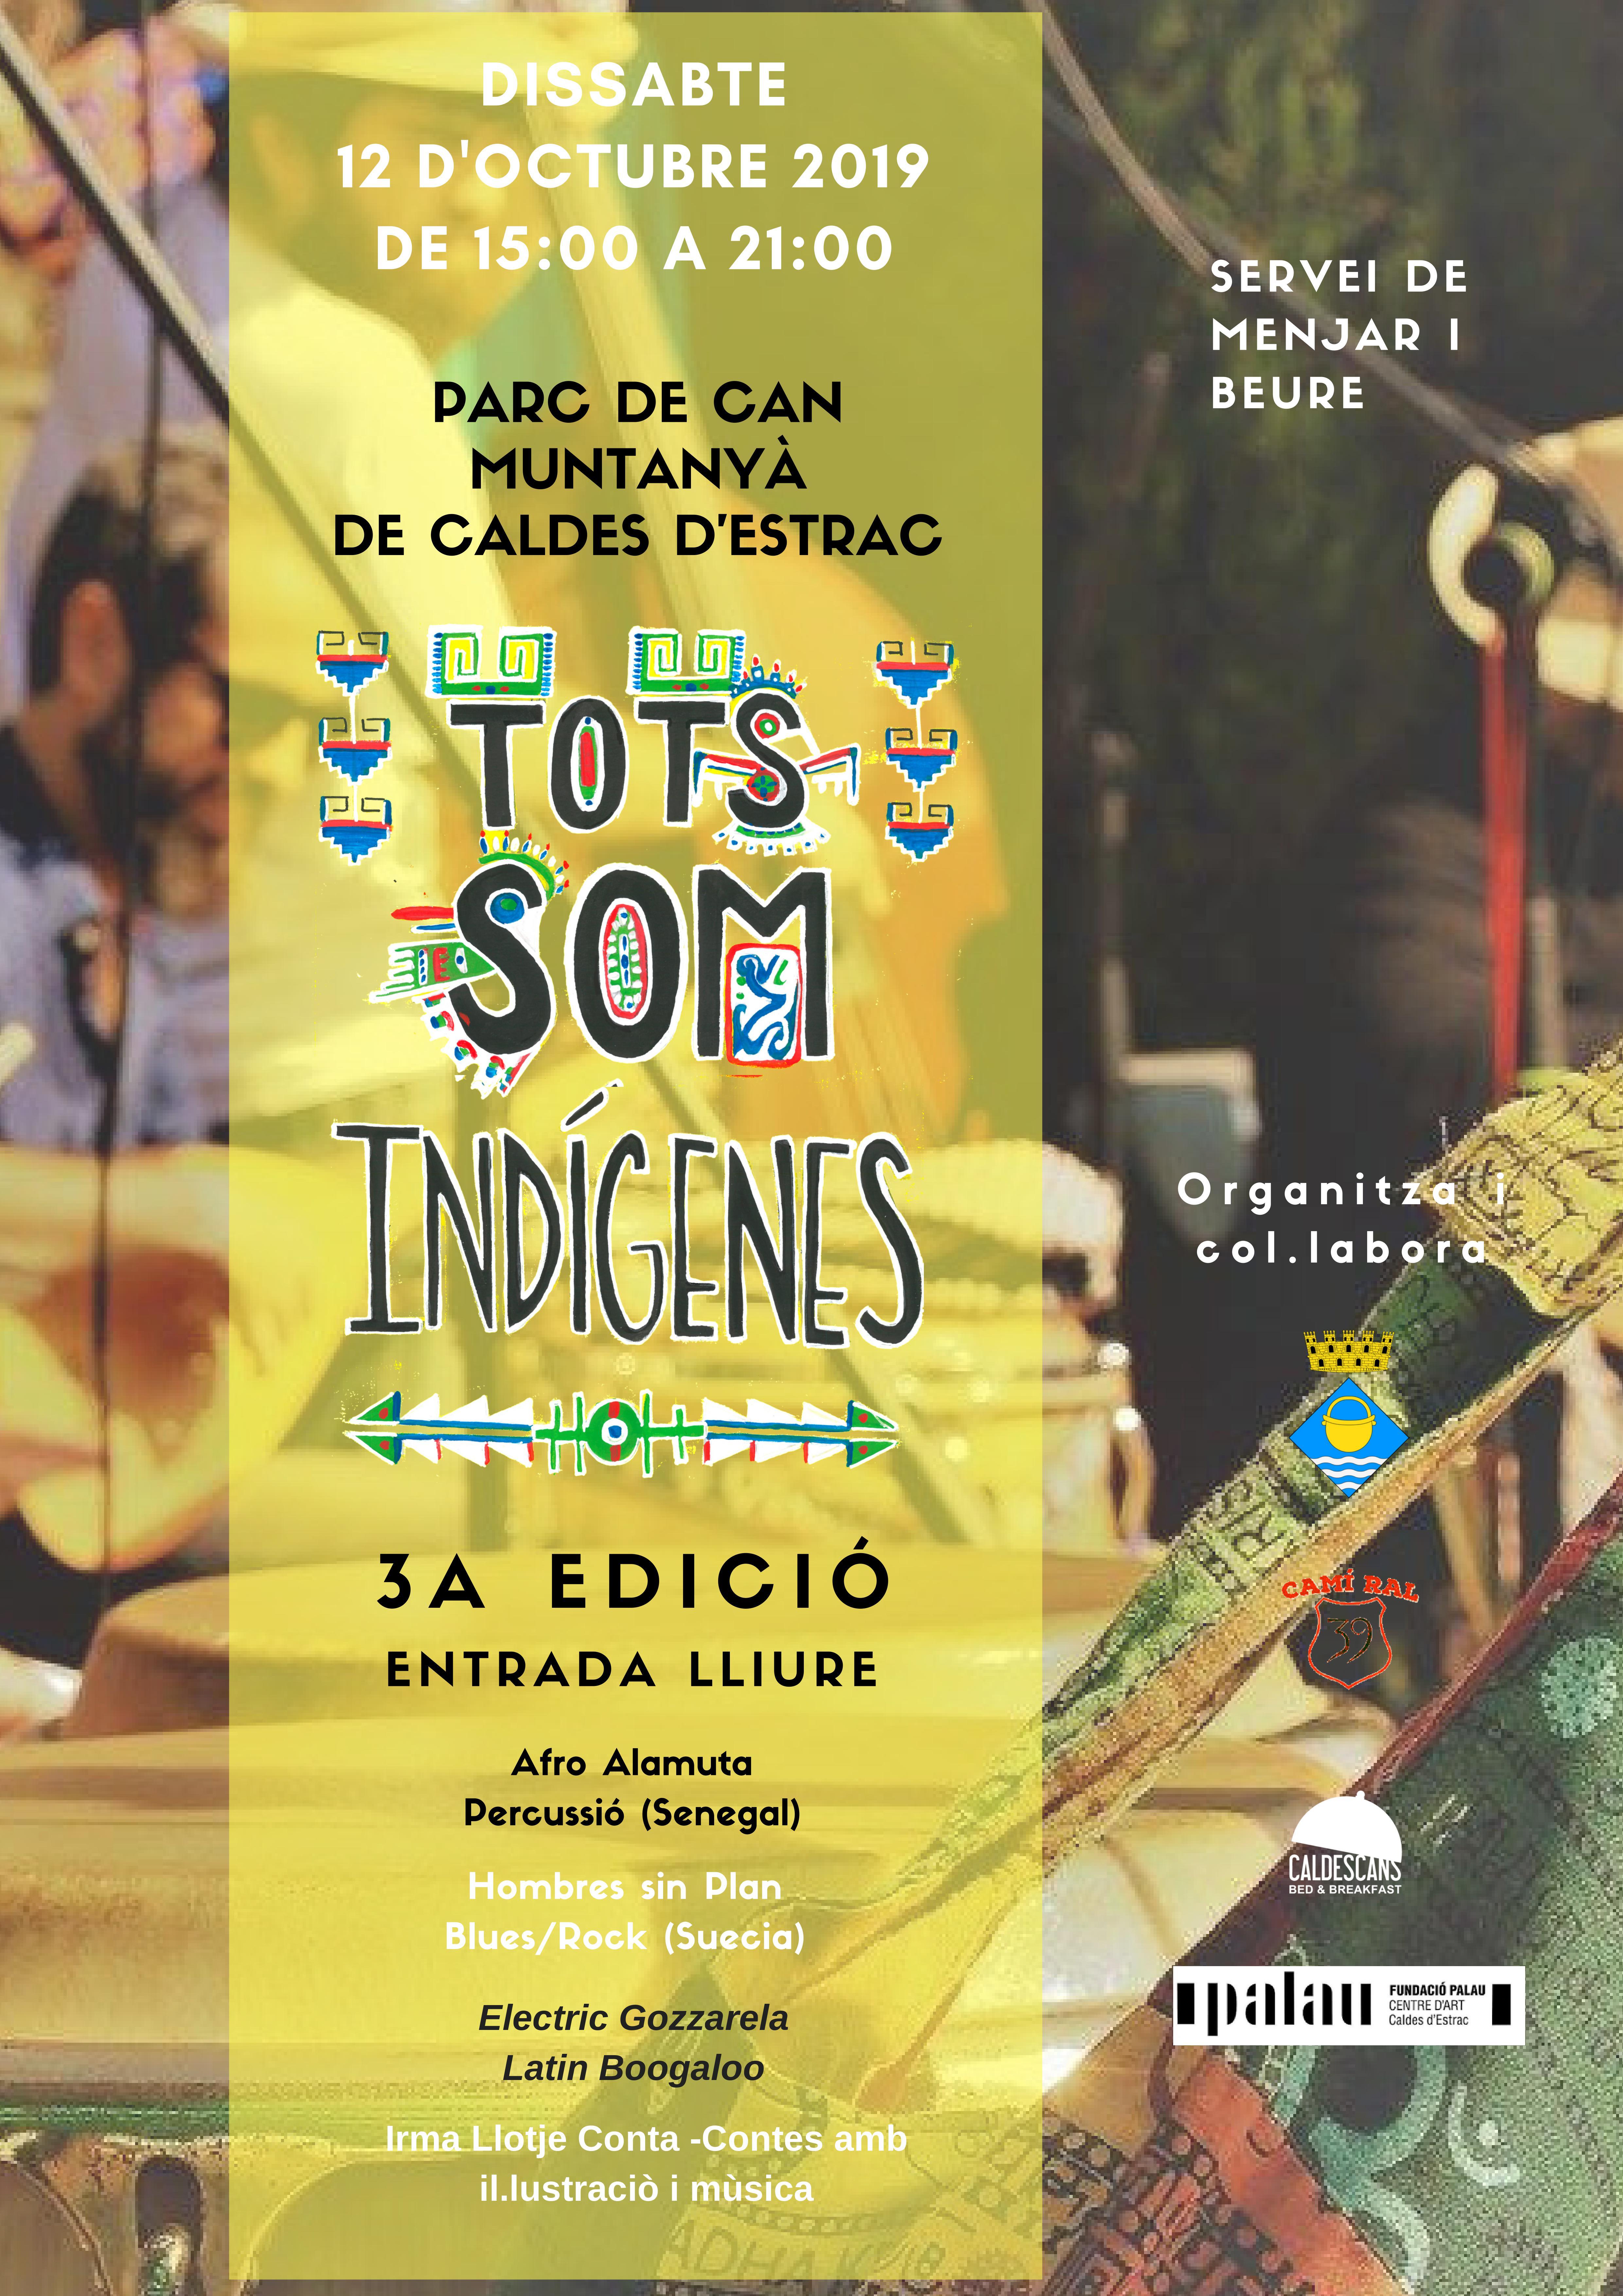 http://www.caldetes.cat/ARXIUS/2019/entitats/cami_ral/indigenes/indigenes_0.jpg